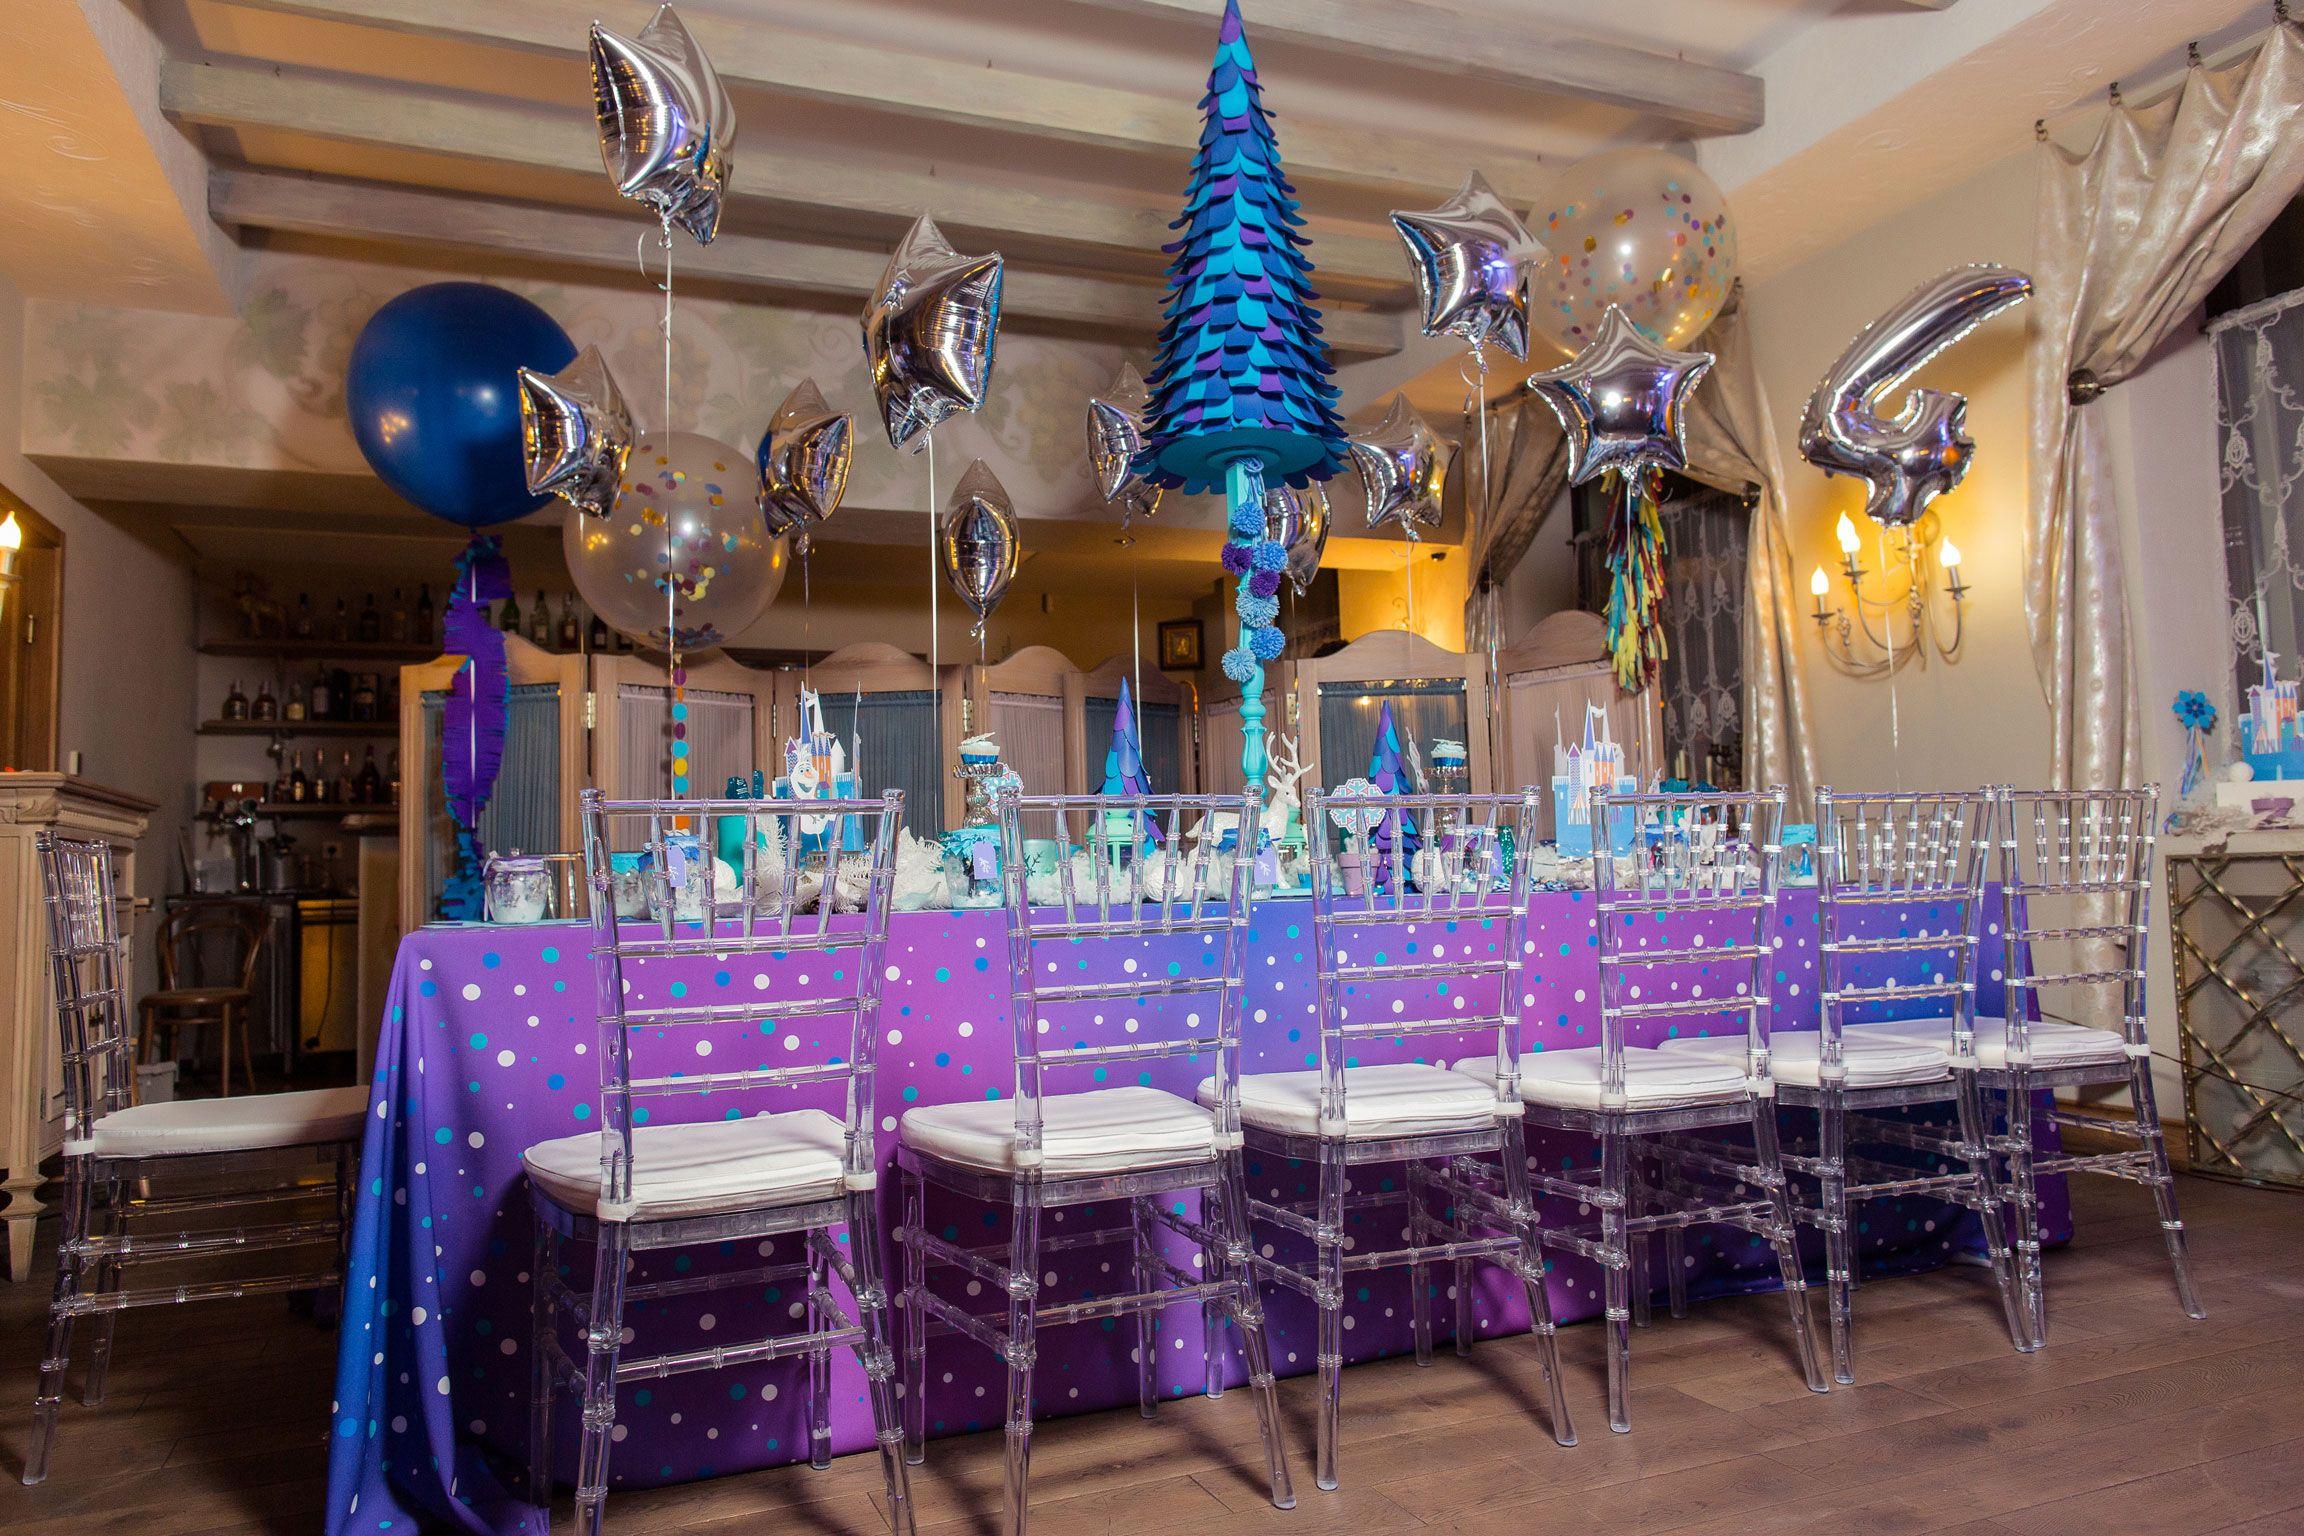 children's birthday, holiday decoration, decor, snow decor, день рождения, дети, детский день рождения, оформление дня рождения, оформление детских праздников, ели, снег, сервировка стола, воздушные шары, фотозона, сервировка стола